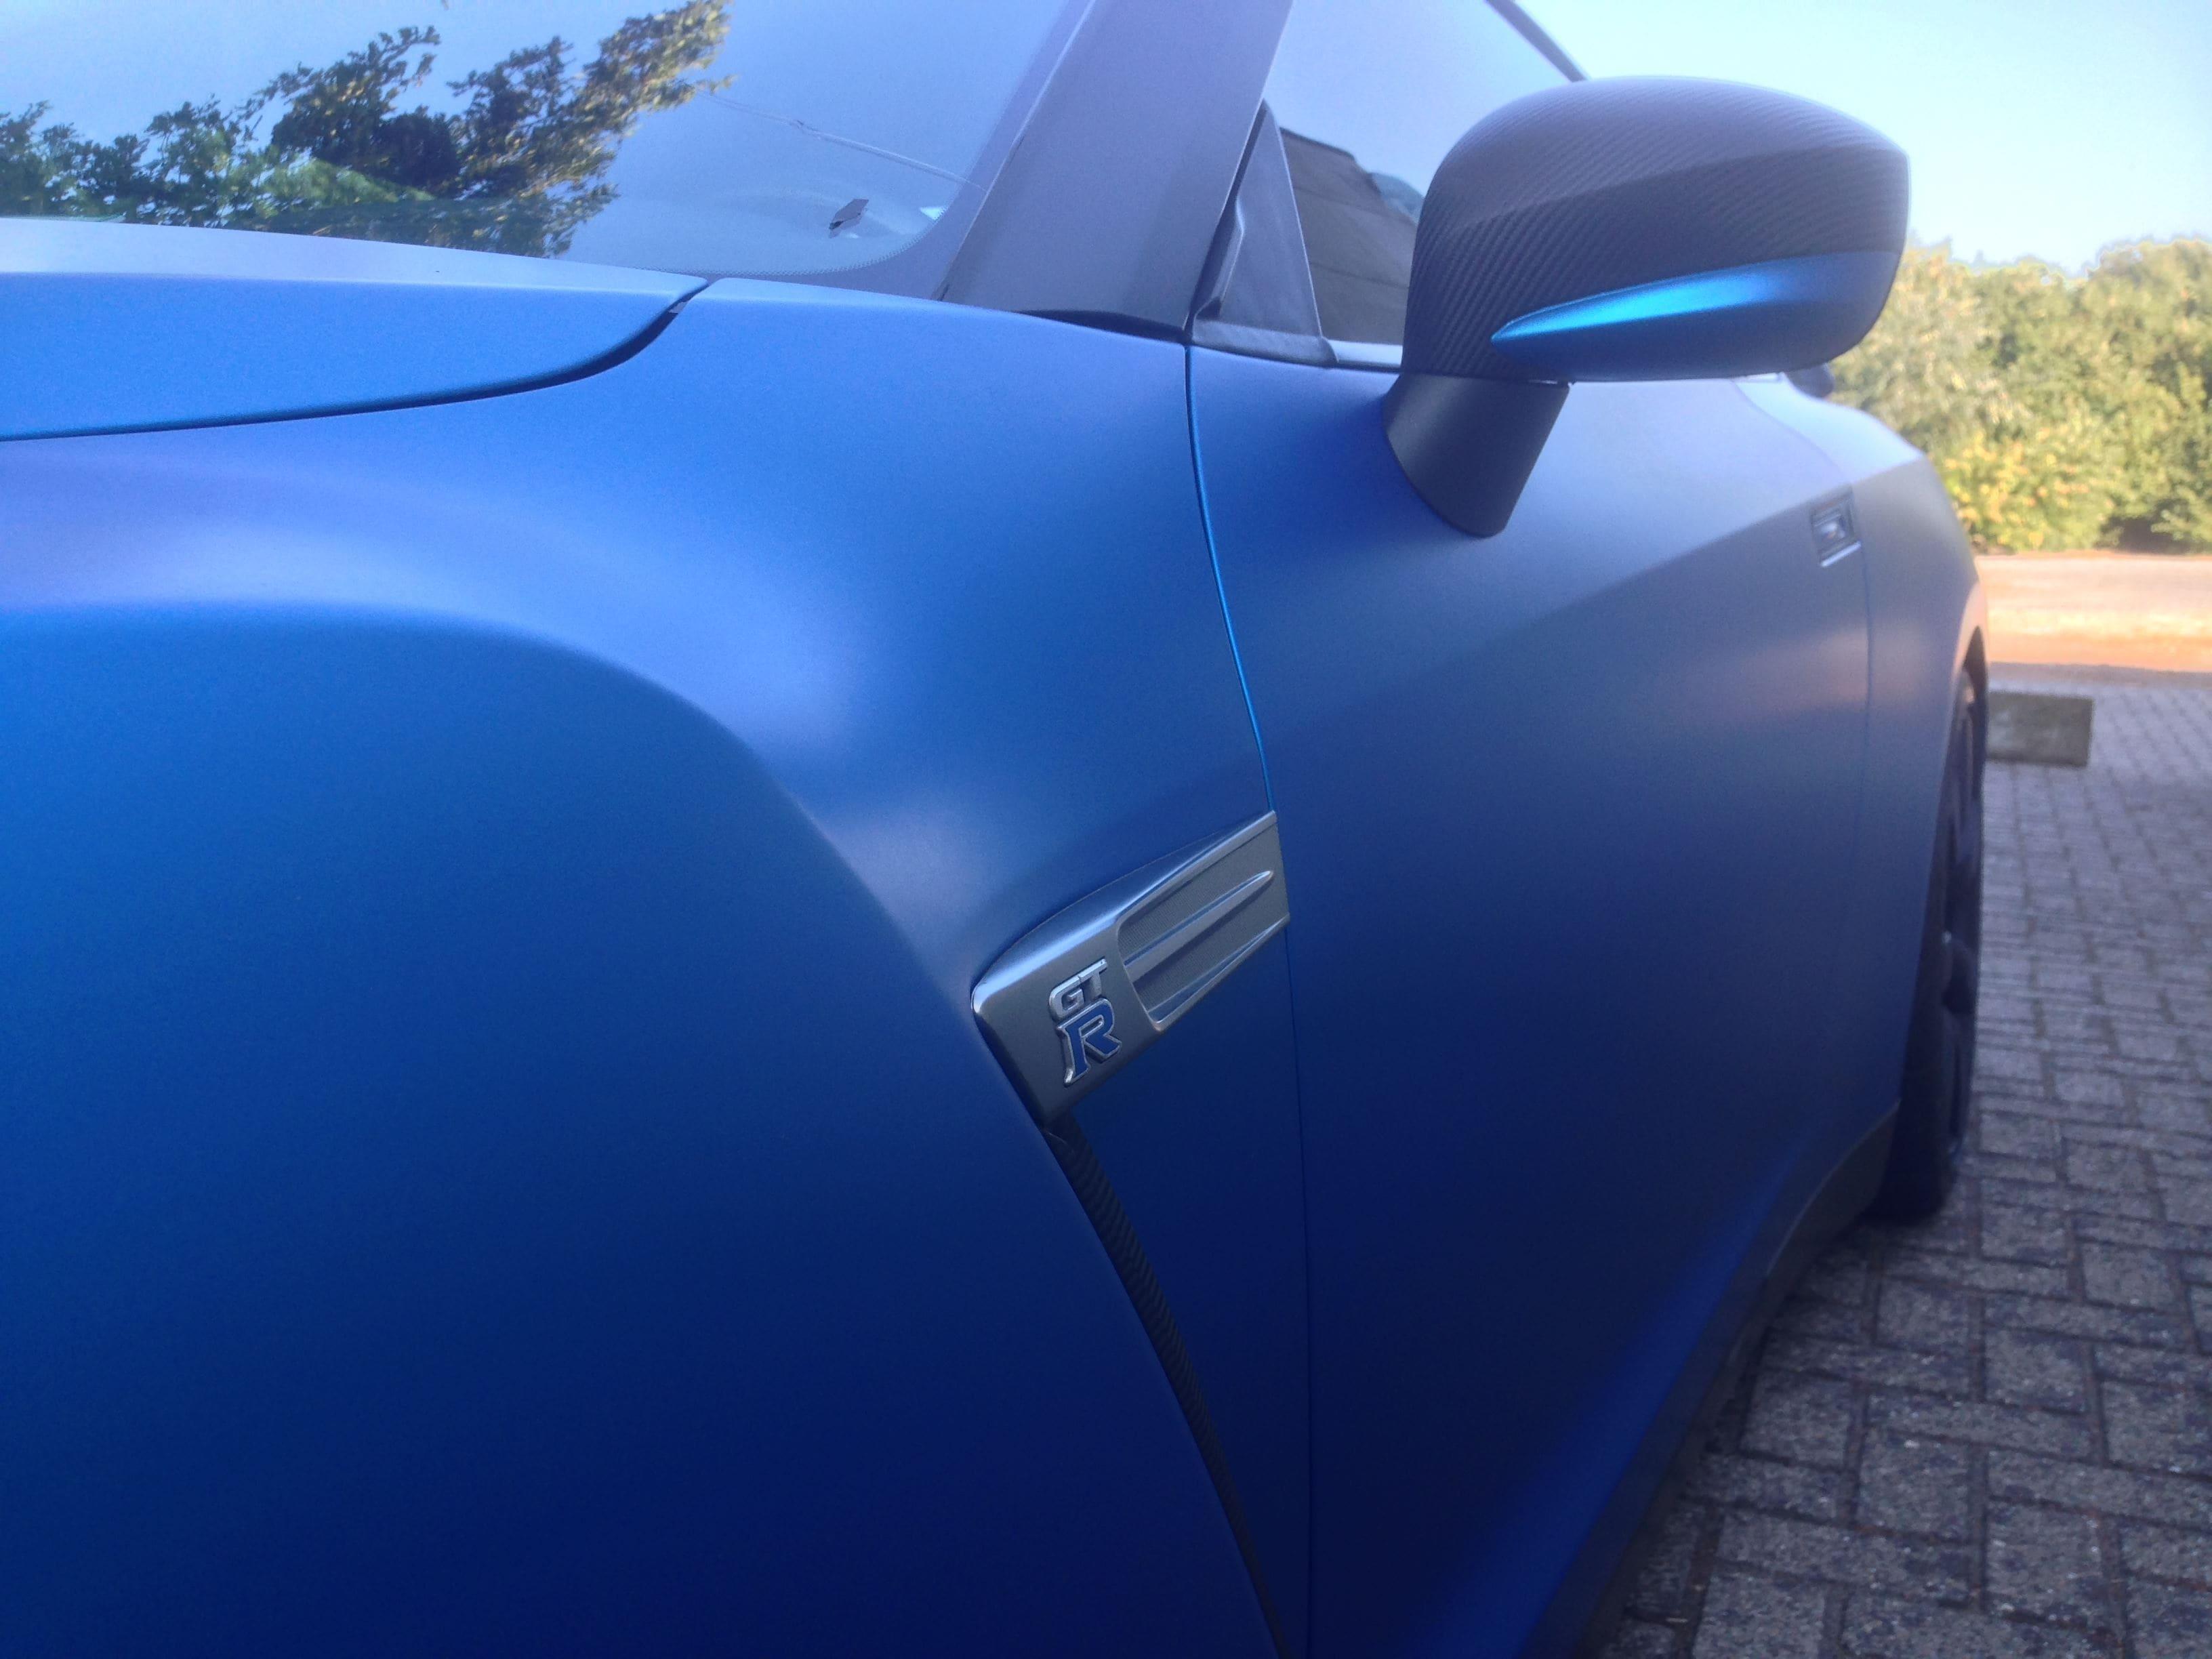 Nissan GT-R in Mat Blauwe Wrap, Carwrapping door Wrapmyride.nu Foto-nr:6539, ©2020